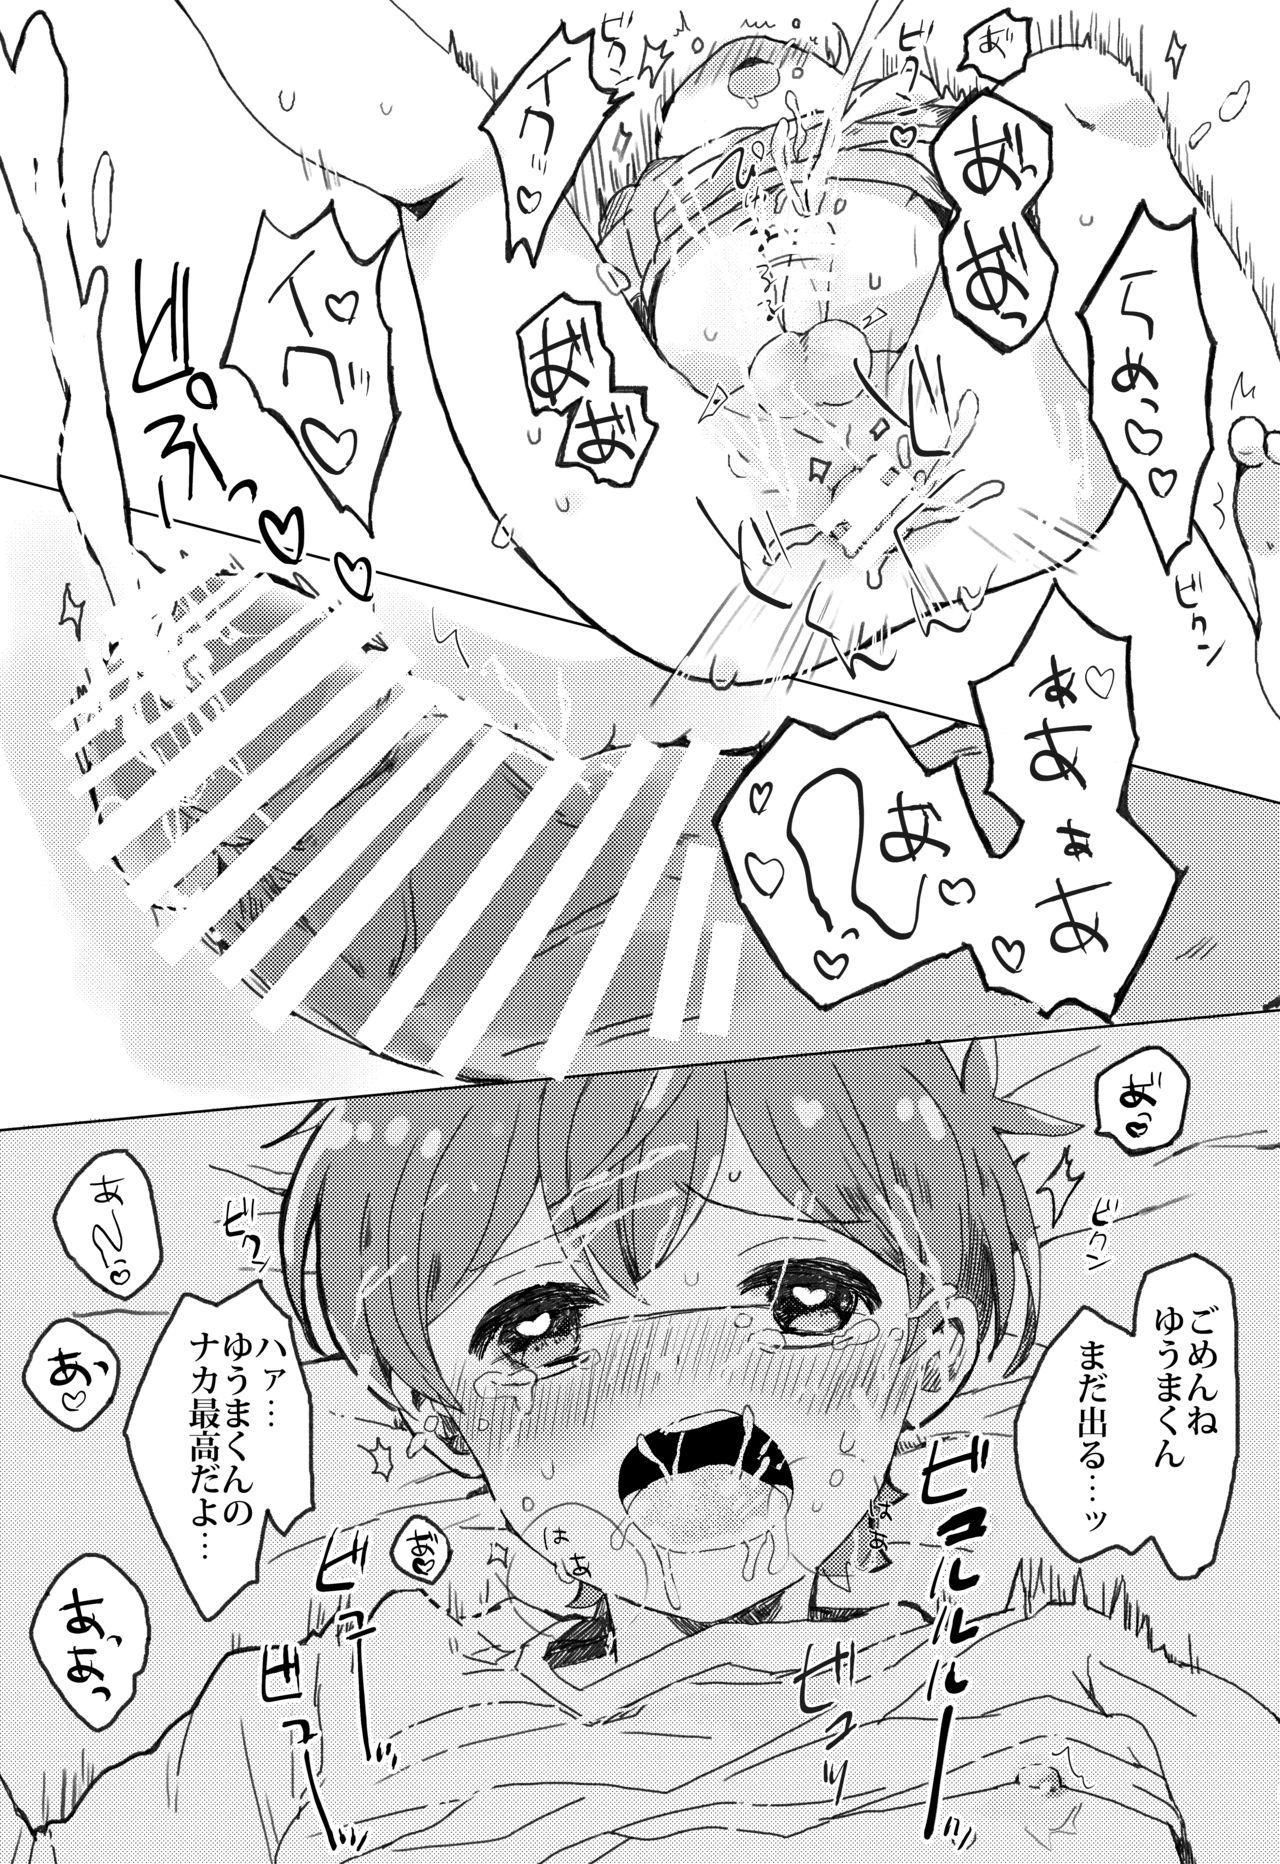 Natsuyasumi no sugoshikata 9